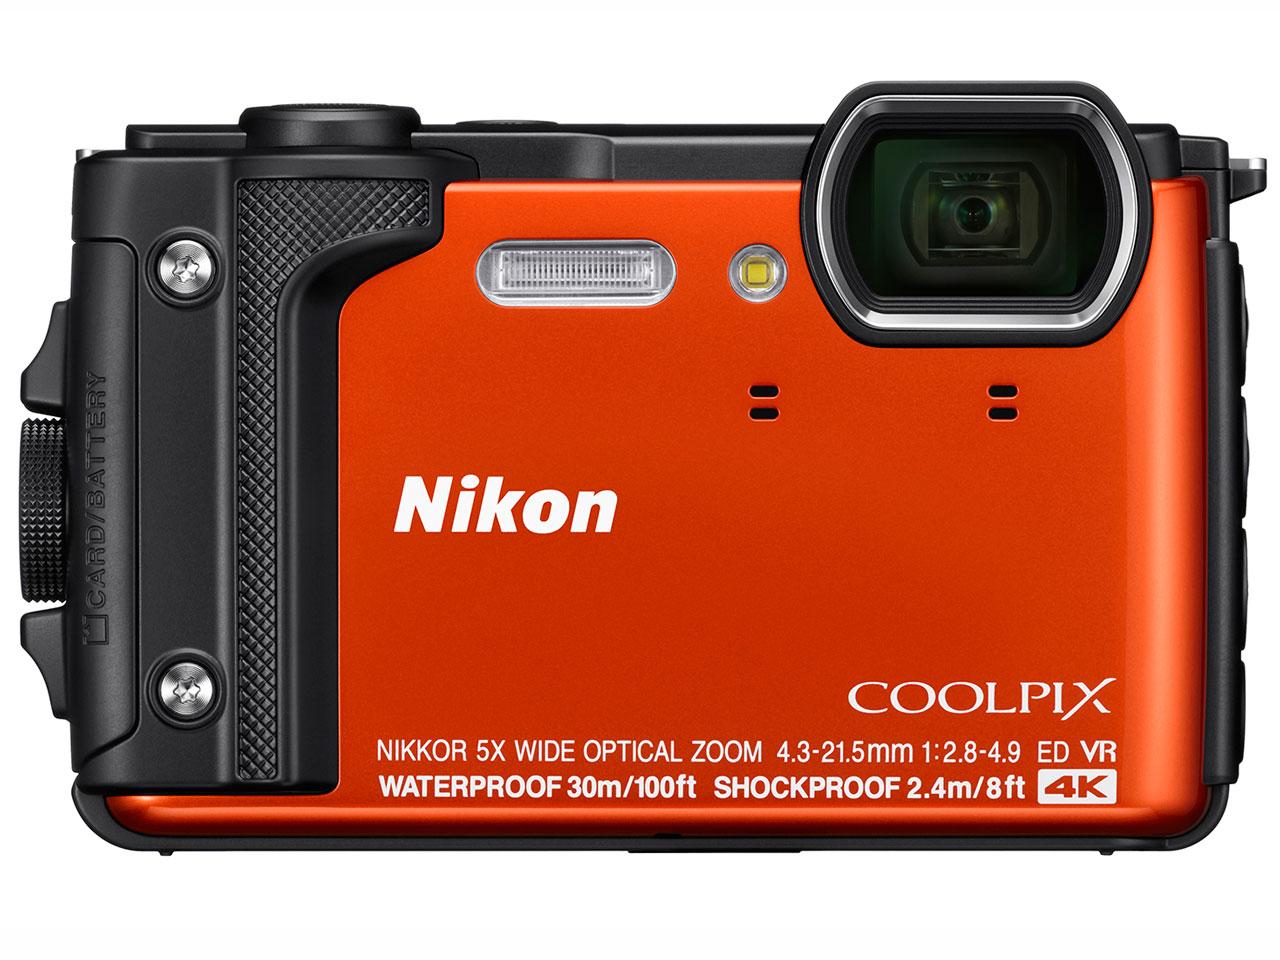 Nikon デジタルカメラ COOLPIX W300 OR クールピクス オレンジ 防水 【新品】【送料無料】